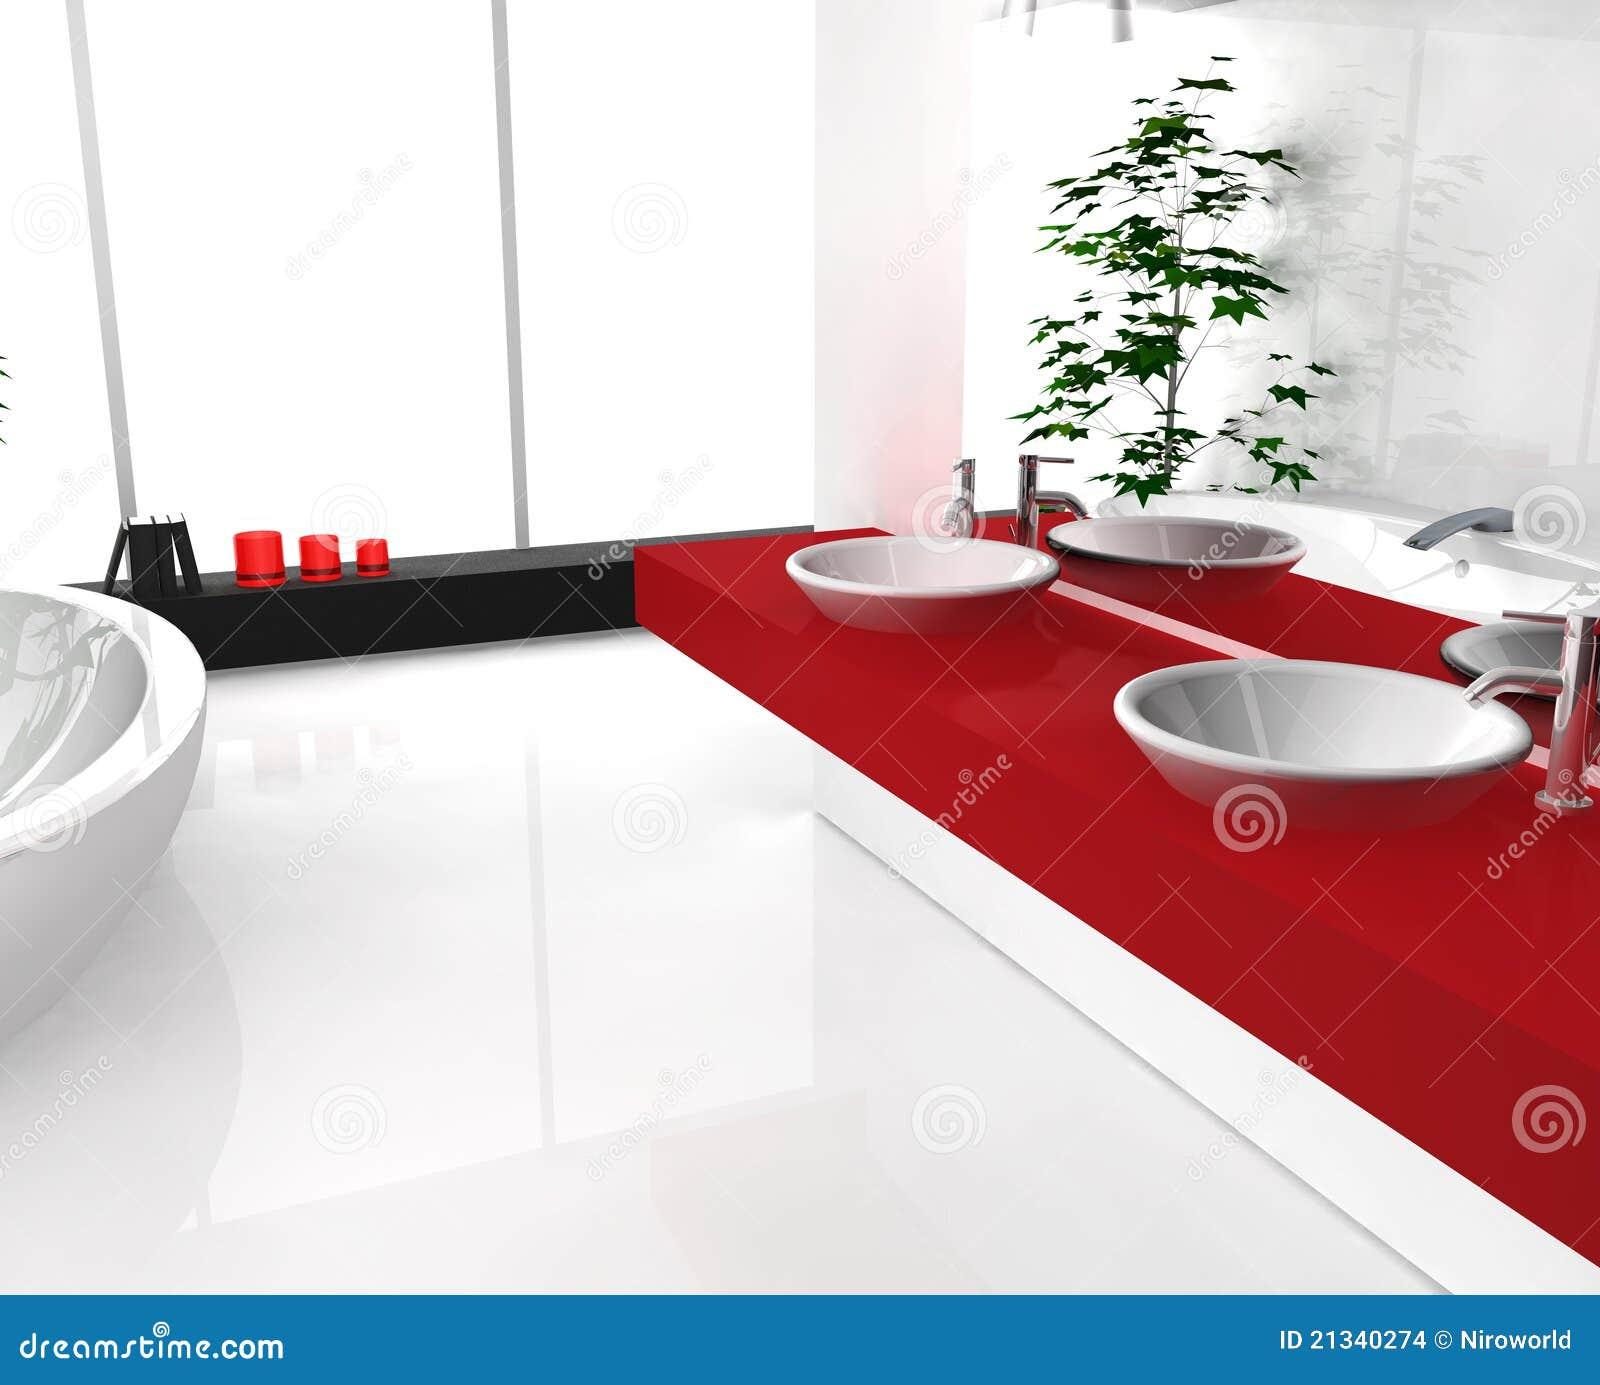 Banheiro Vermelho Luxuoso Imagens de Stock Imagem: 21340274 #9A161B 1300x1142 Banheiro Branco Vermelho